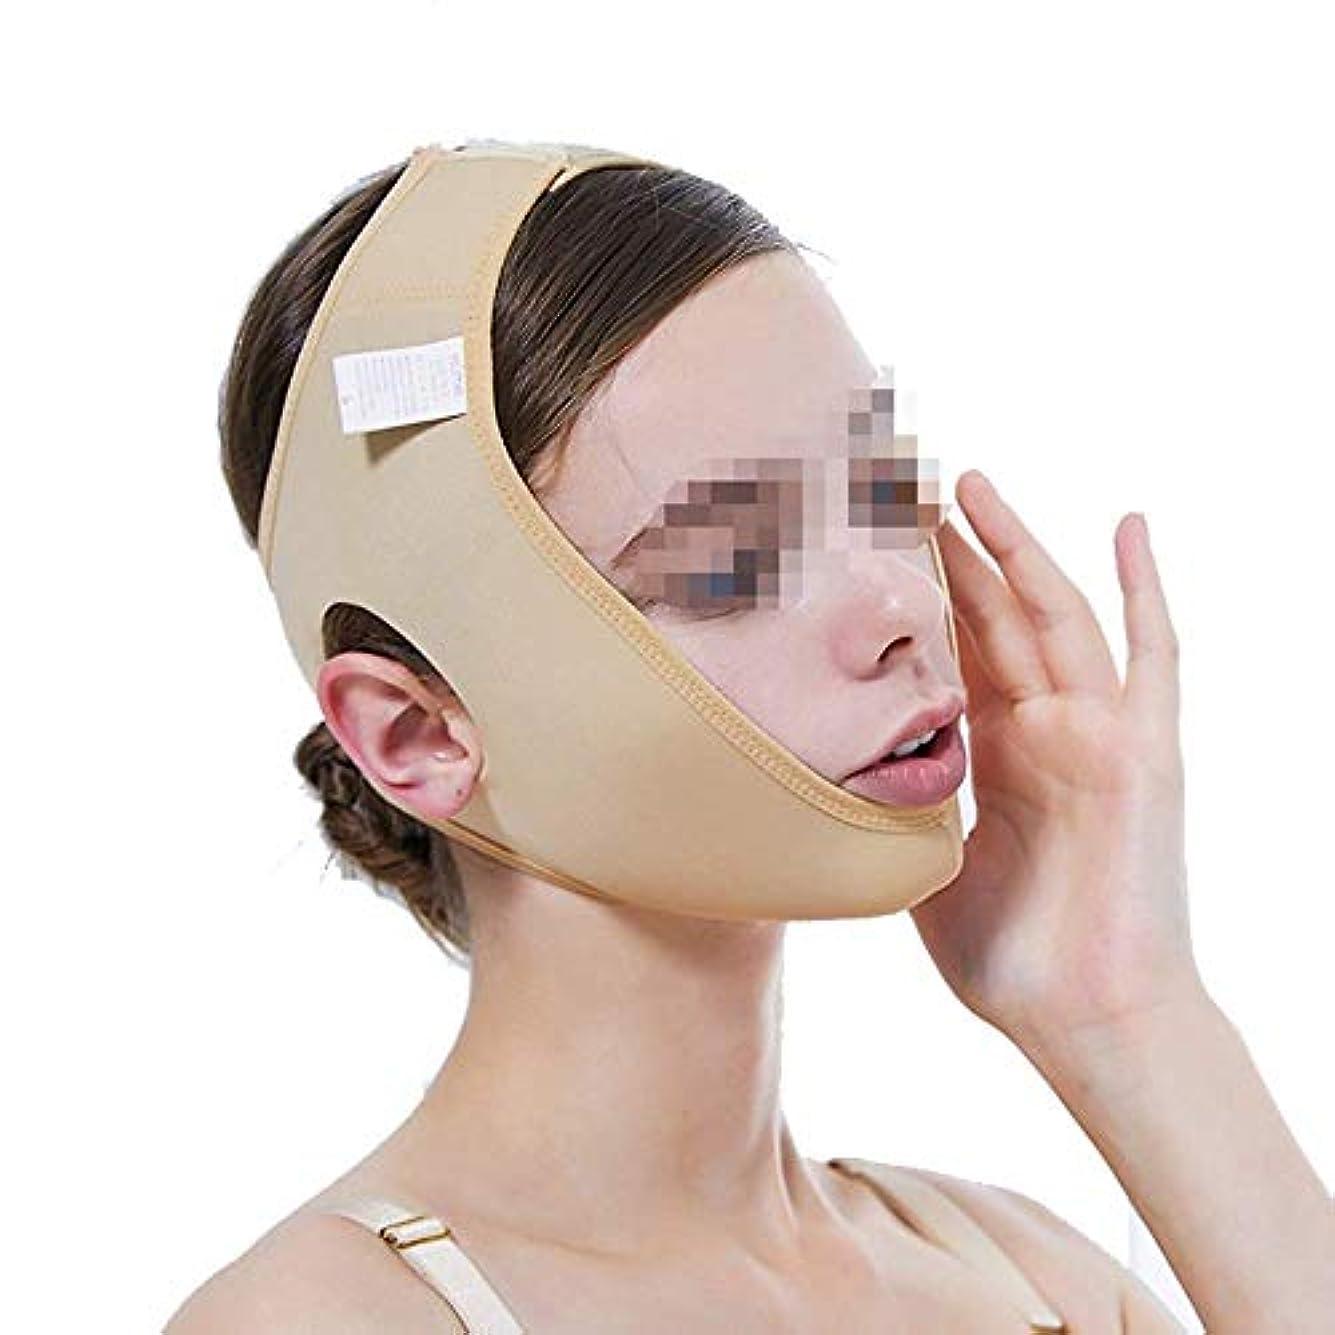 デザートジェム冷蔵する術後ヘッドギア、薄型ダブルあごVフェイスビームフェイスジョーセットフェイスマスクマルチサイズオプション(サイズ:XS),XXL